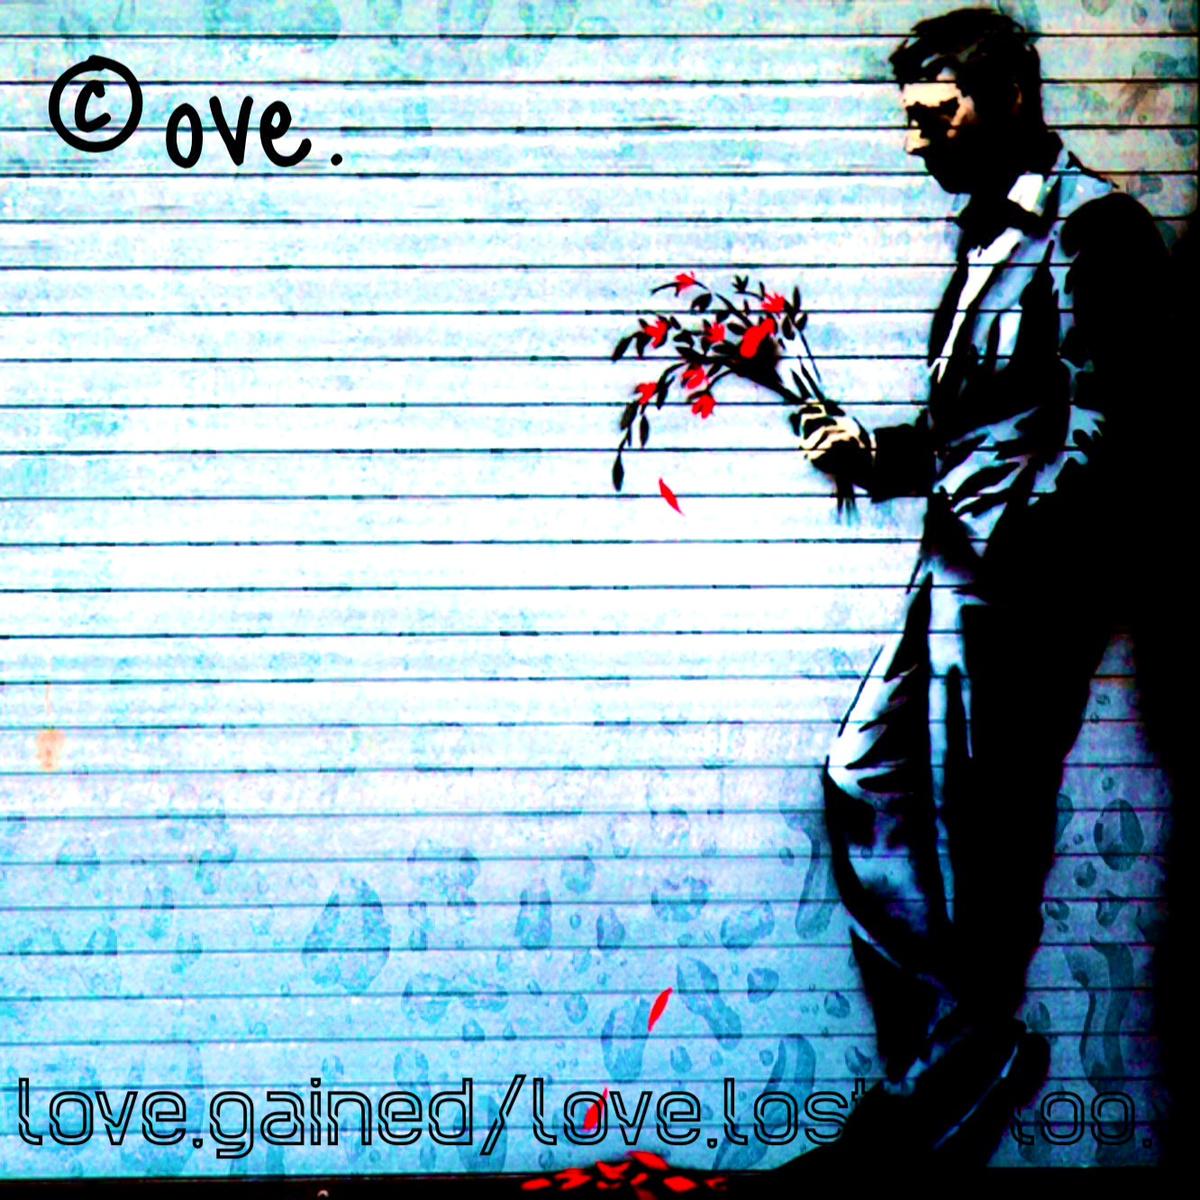 cove love gained ten